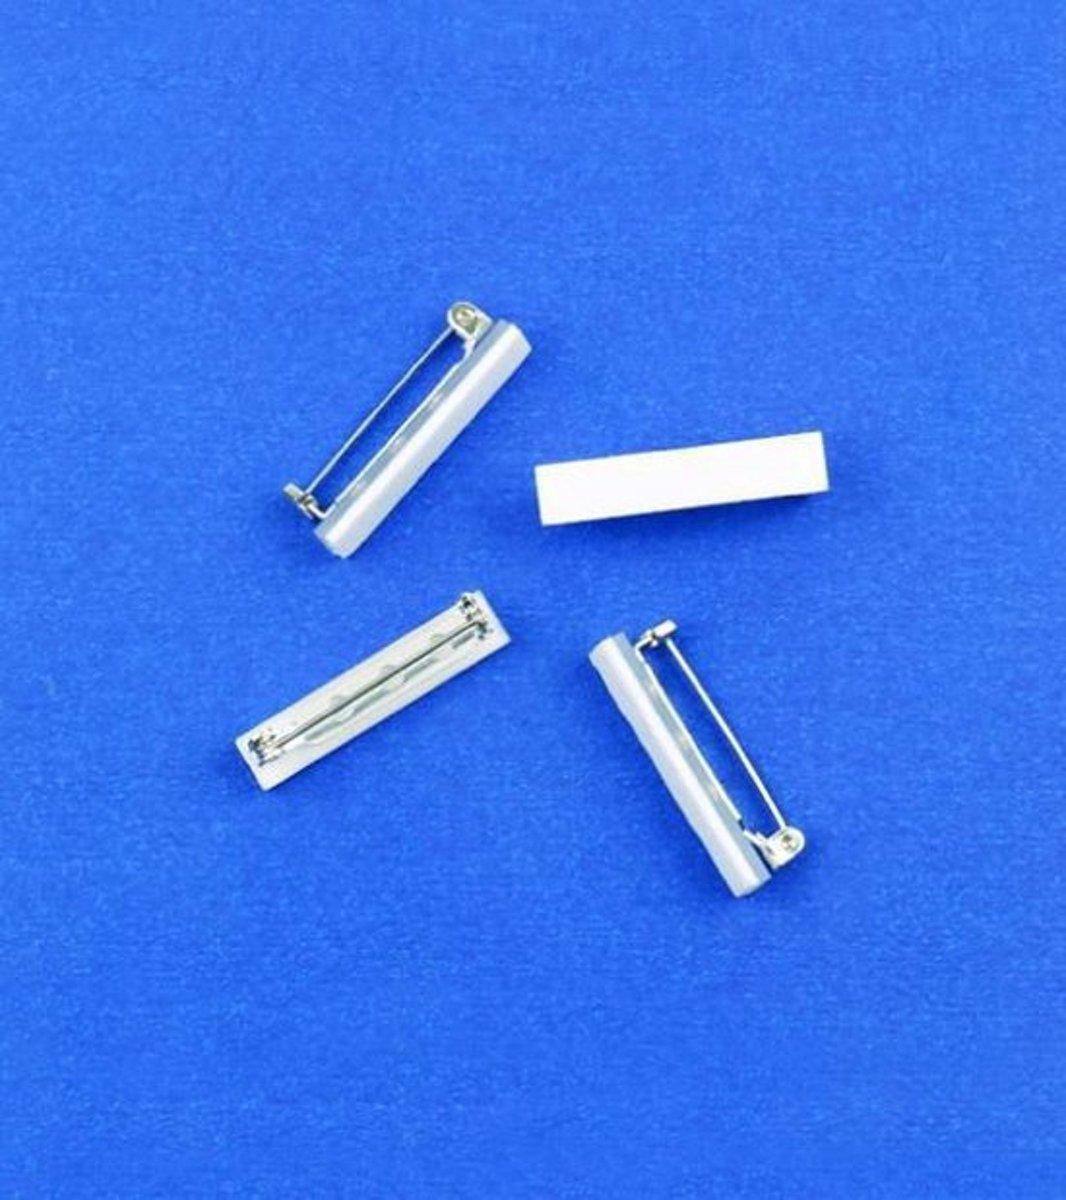 Broche Speld met zelfklevend Foamtape - 25mm - Zilver. Nickelfree. 4 ZAKJES a 6 STUKS. [ 24 STUKS ] kopen